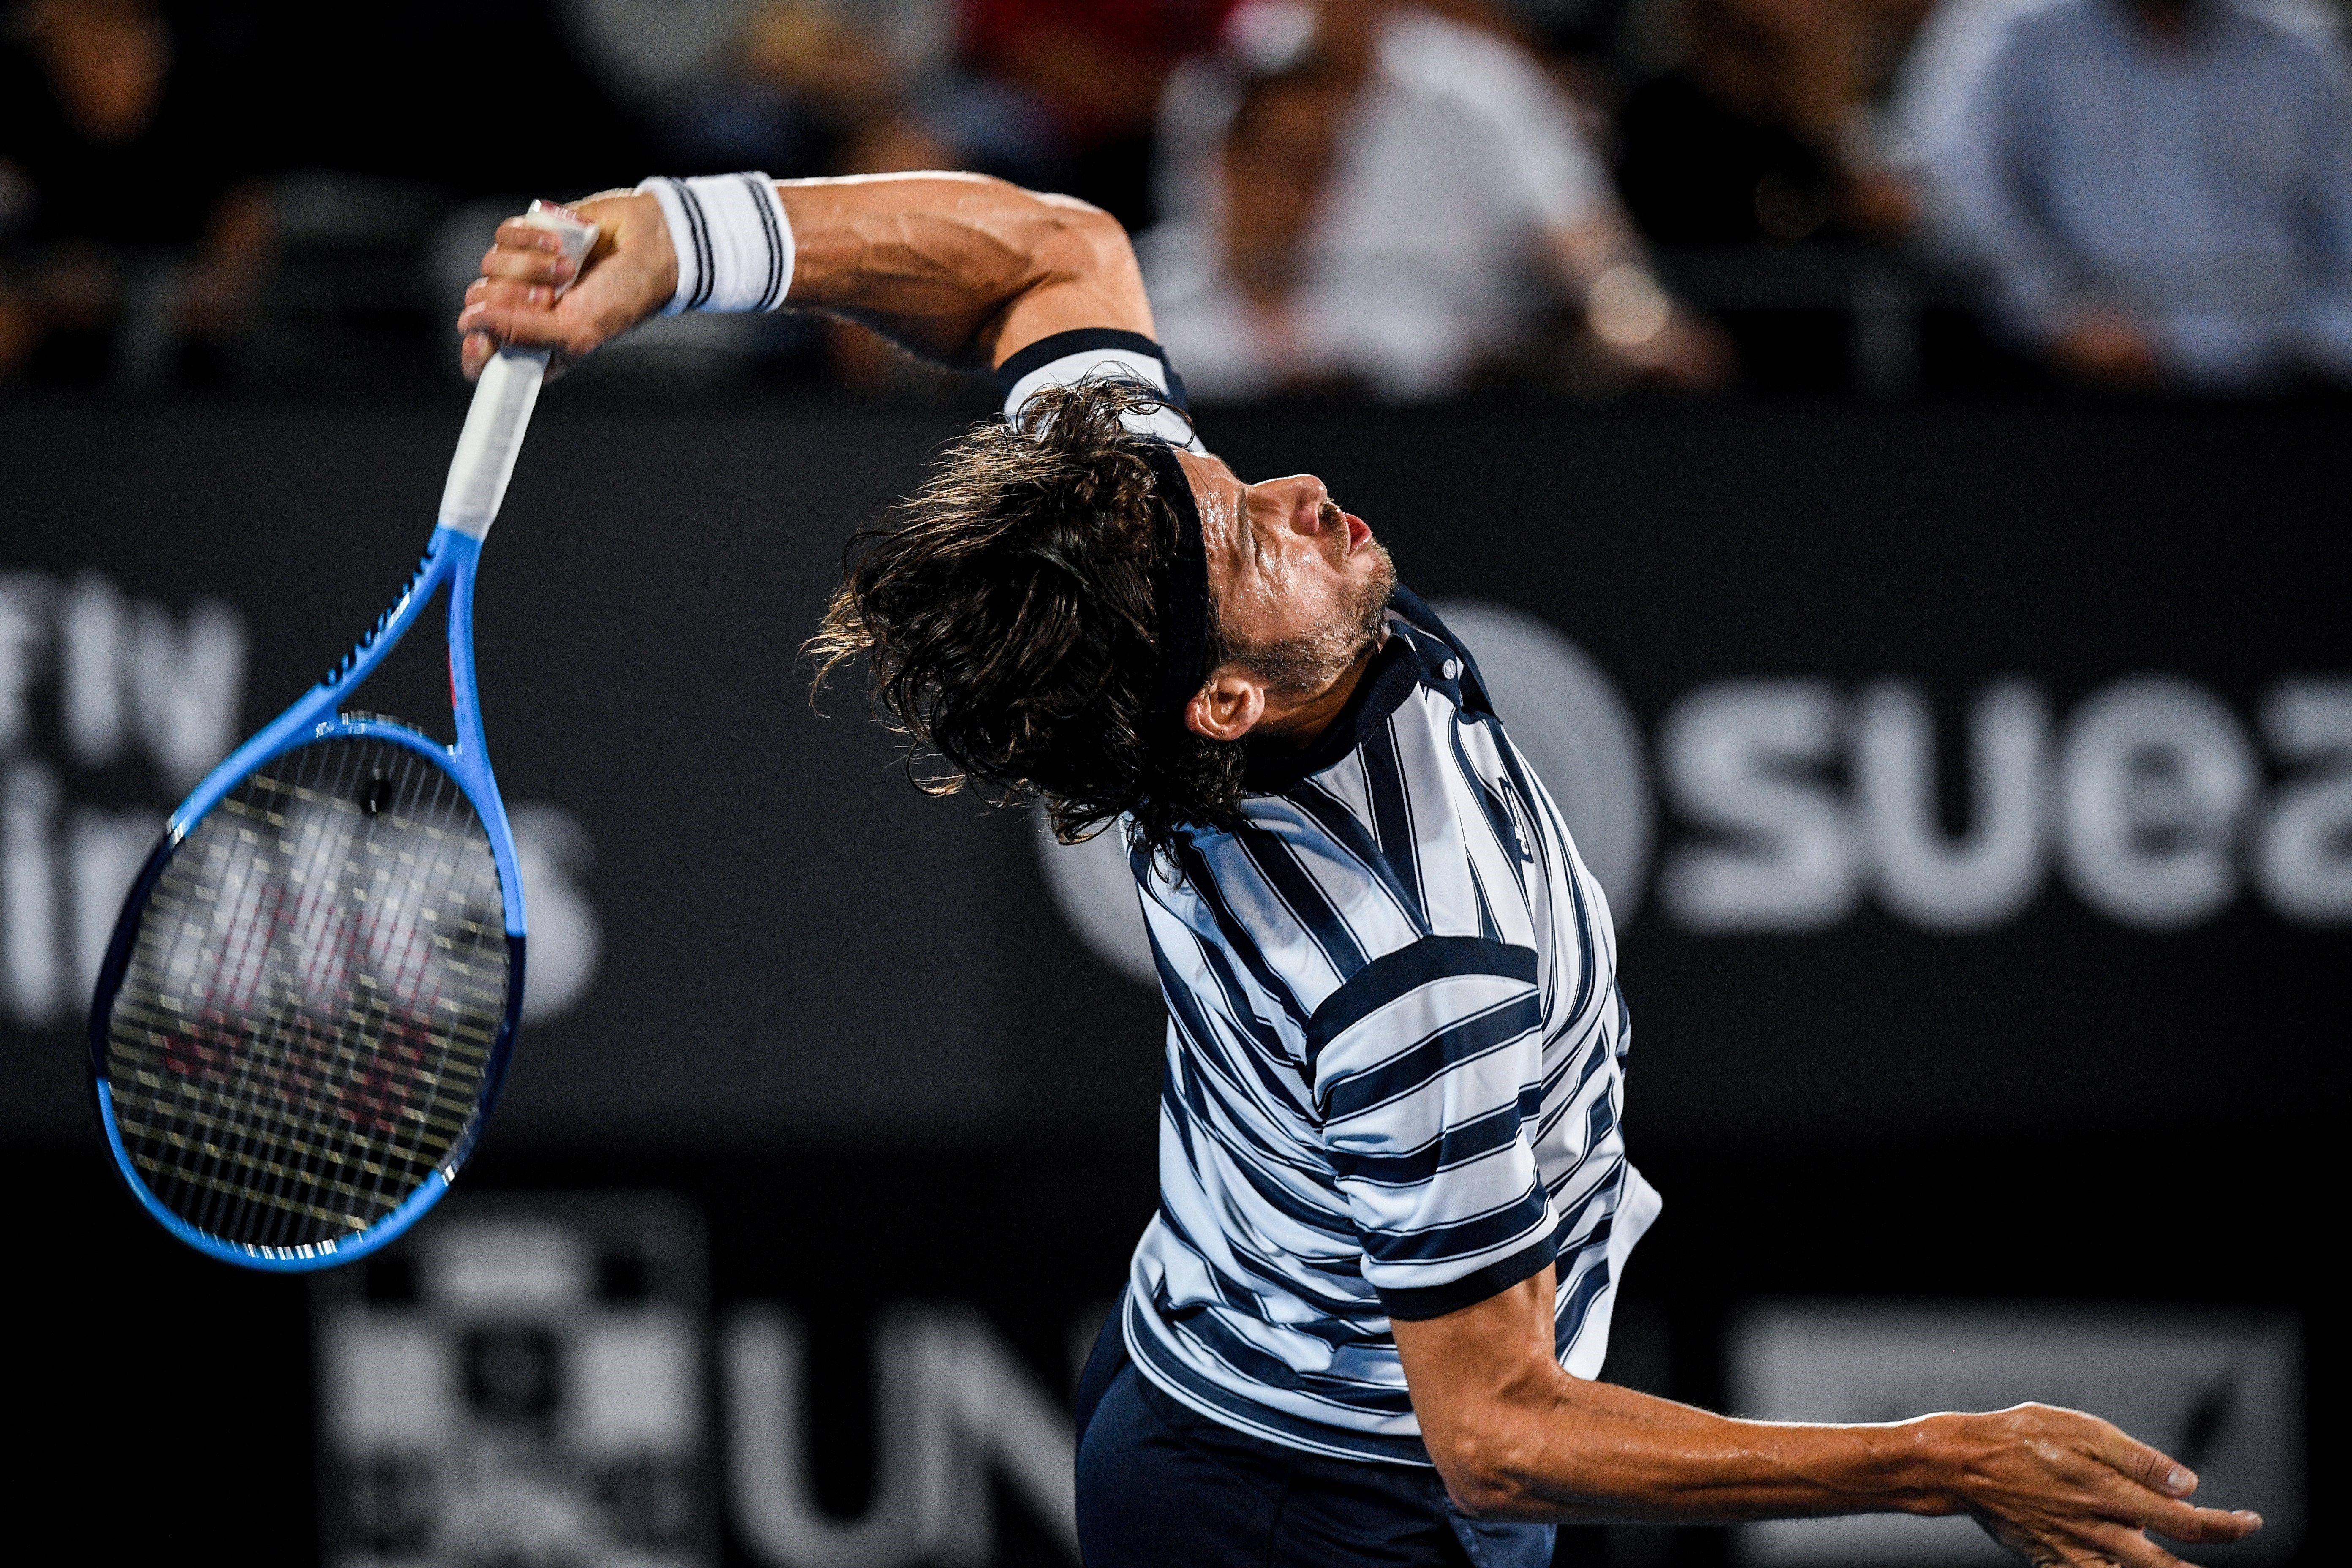 El tenista espanyol Feliciano López retorna la pilota a l'australià Alex De Minaur durant el partit de quarts de final del torneig de Sidney (Austràlia). /BRENDAN ESPOSITO